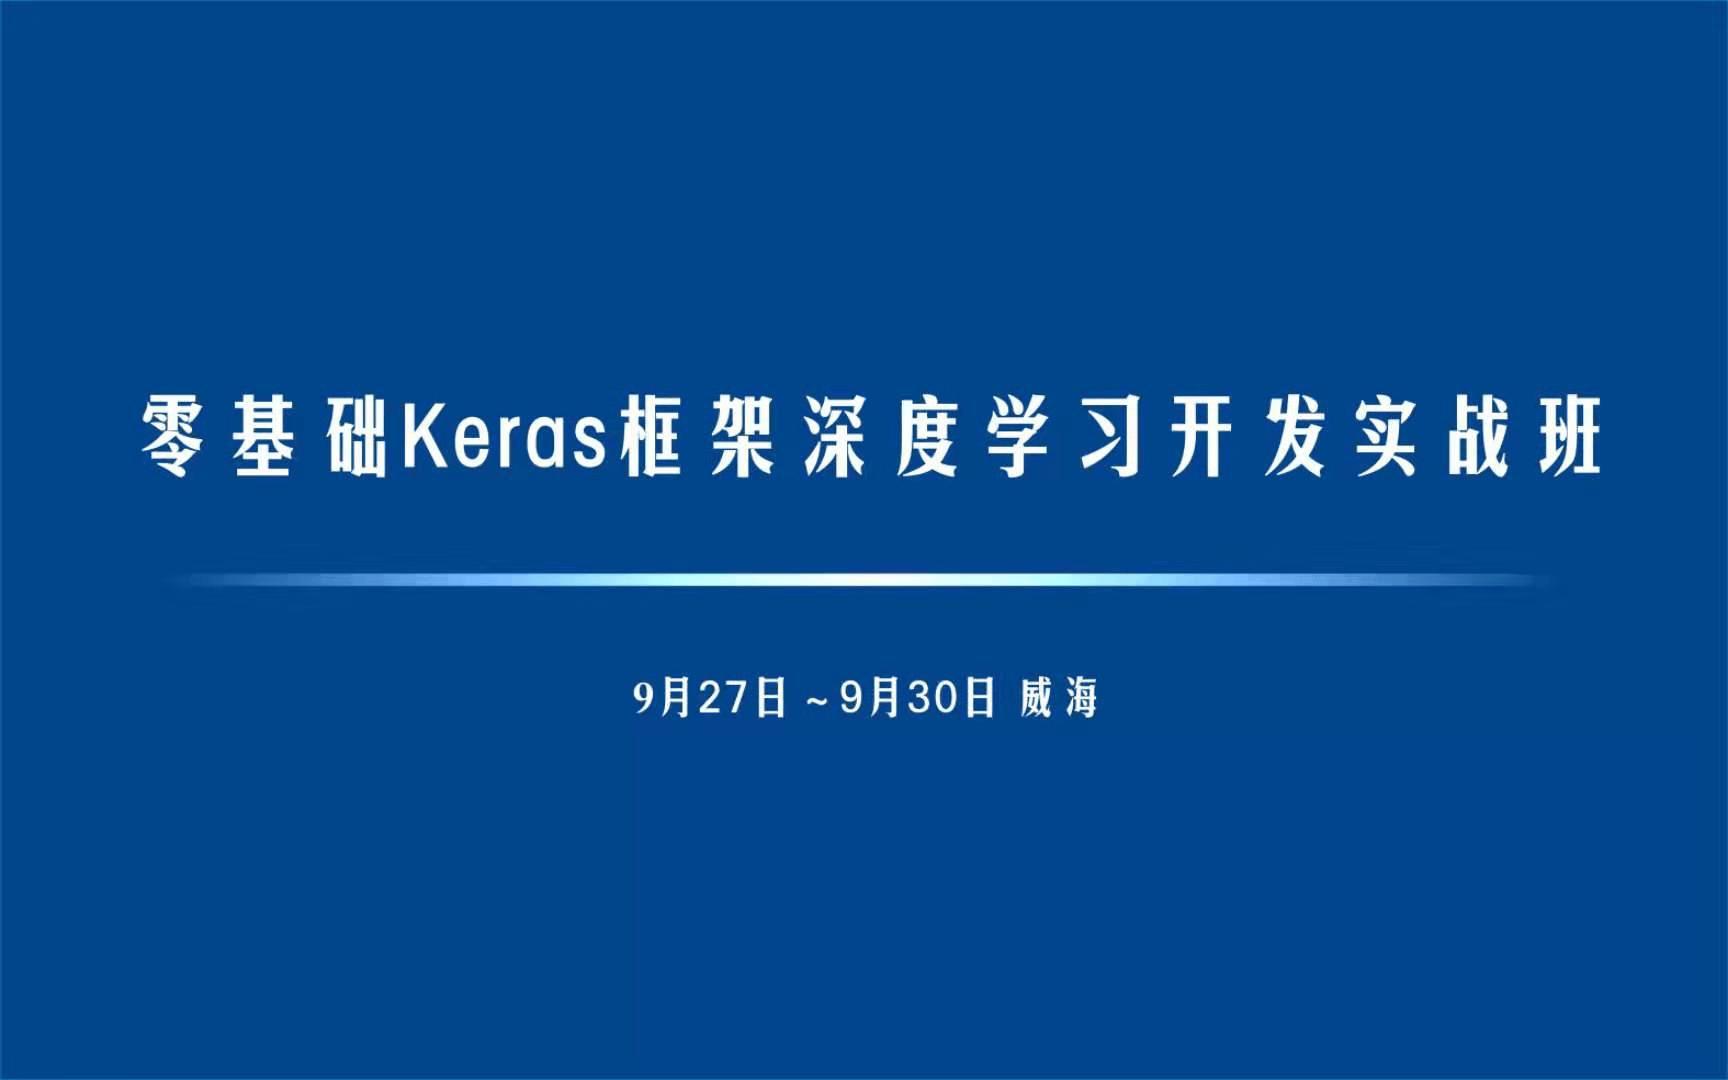 2019零基础学习Keras深度学习开发实战班(威海)